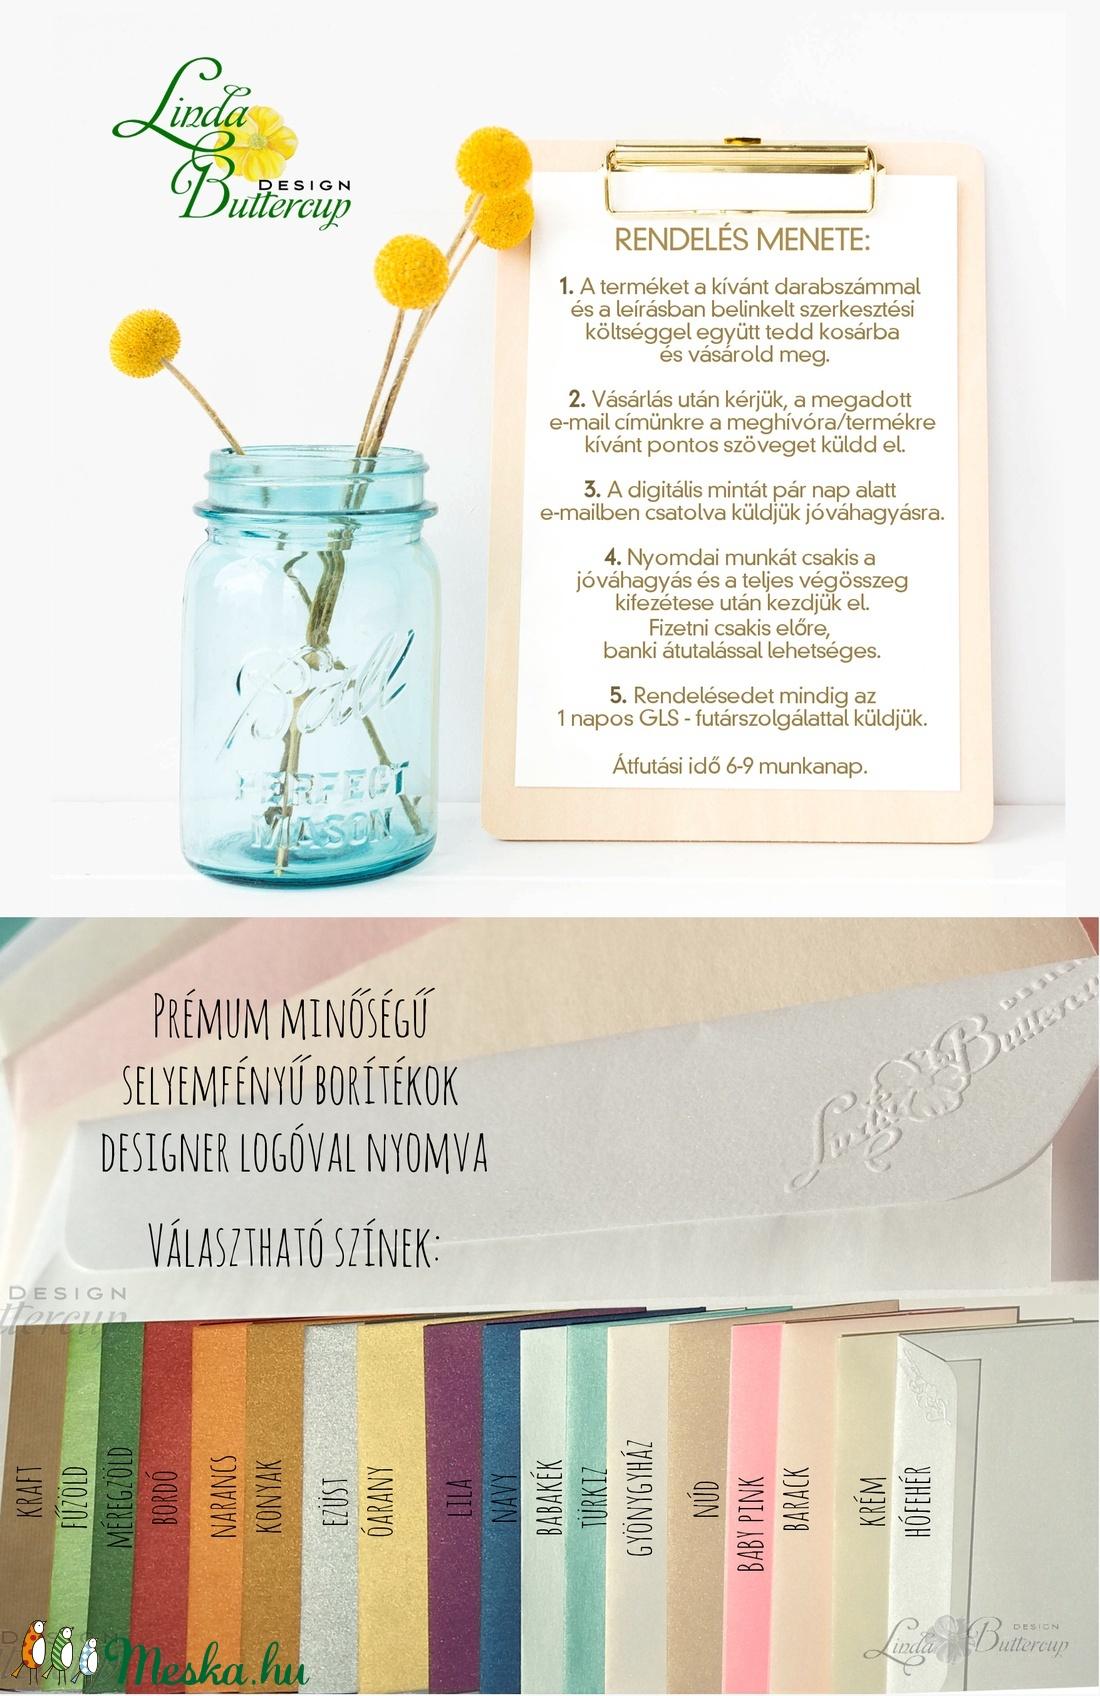 Keresztelő meghívó, Babaváró, Babaköszöntő képeslap, Megérkeztem lap, Keresztelő, virágos kislány, baba, baby, újszülött - otthon & lakás - papír írószer - képeslap & levélpapír - Meska.hu